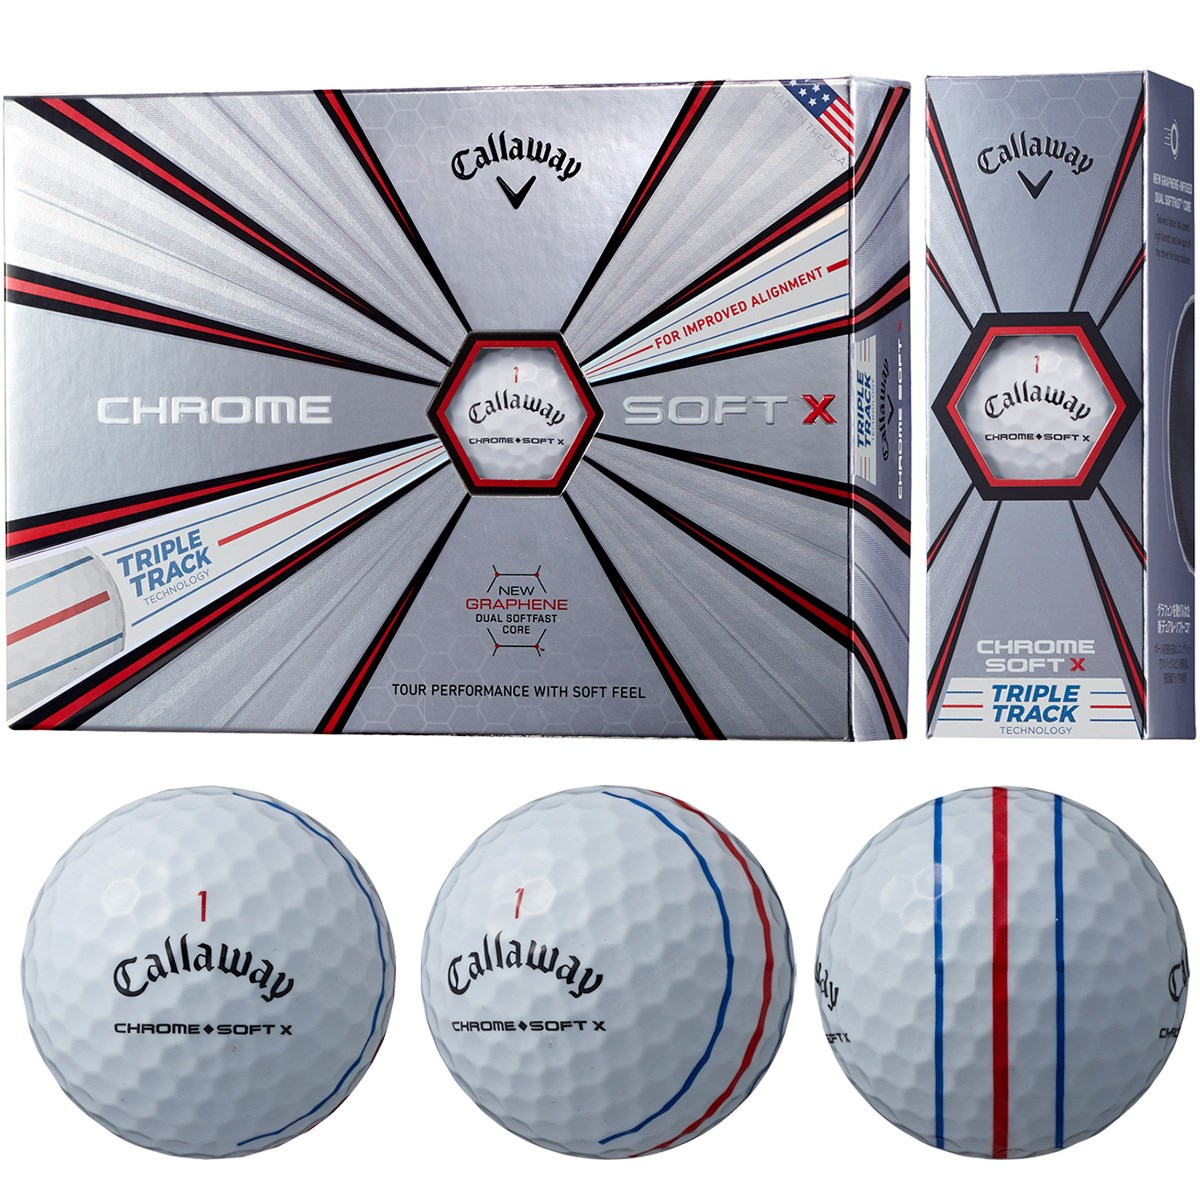 キャロウェイゴルフ(Callaway Golf) CHROME SOFT X 19 Triple Track ボール